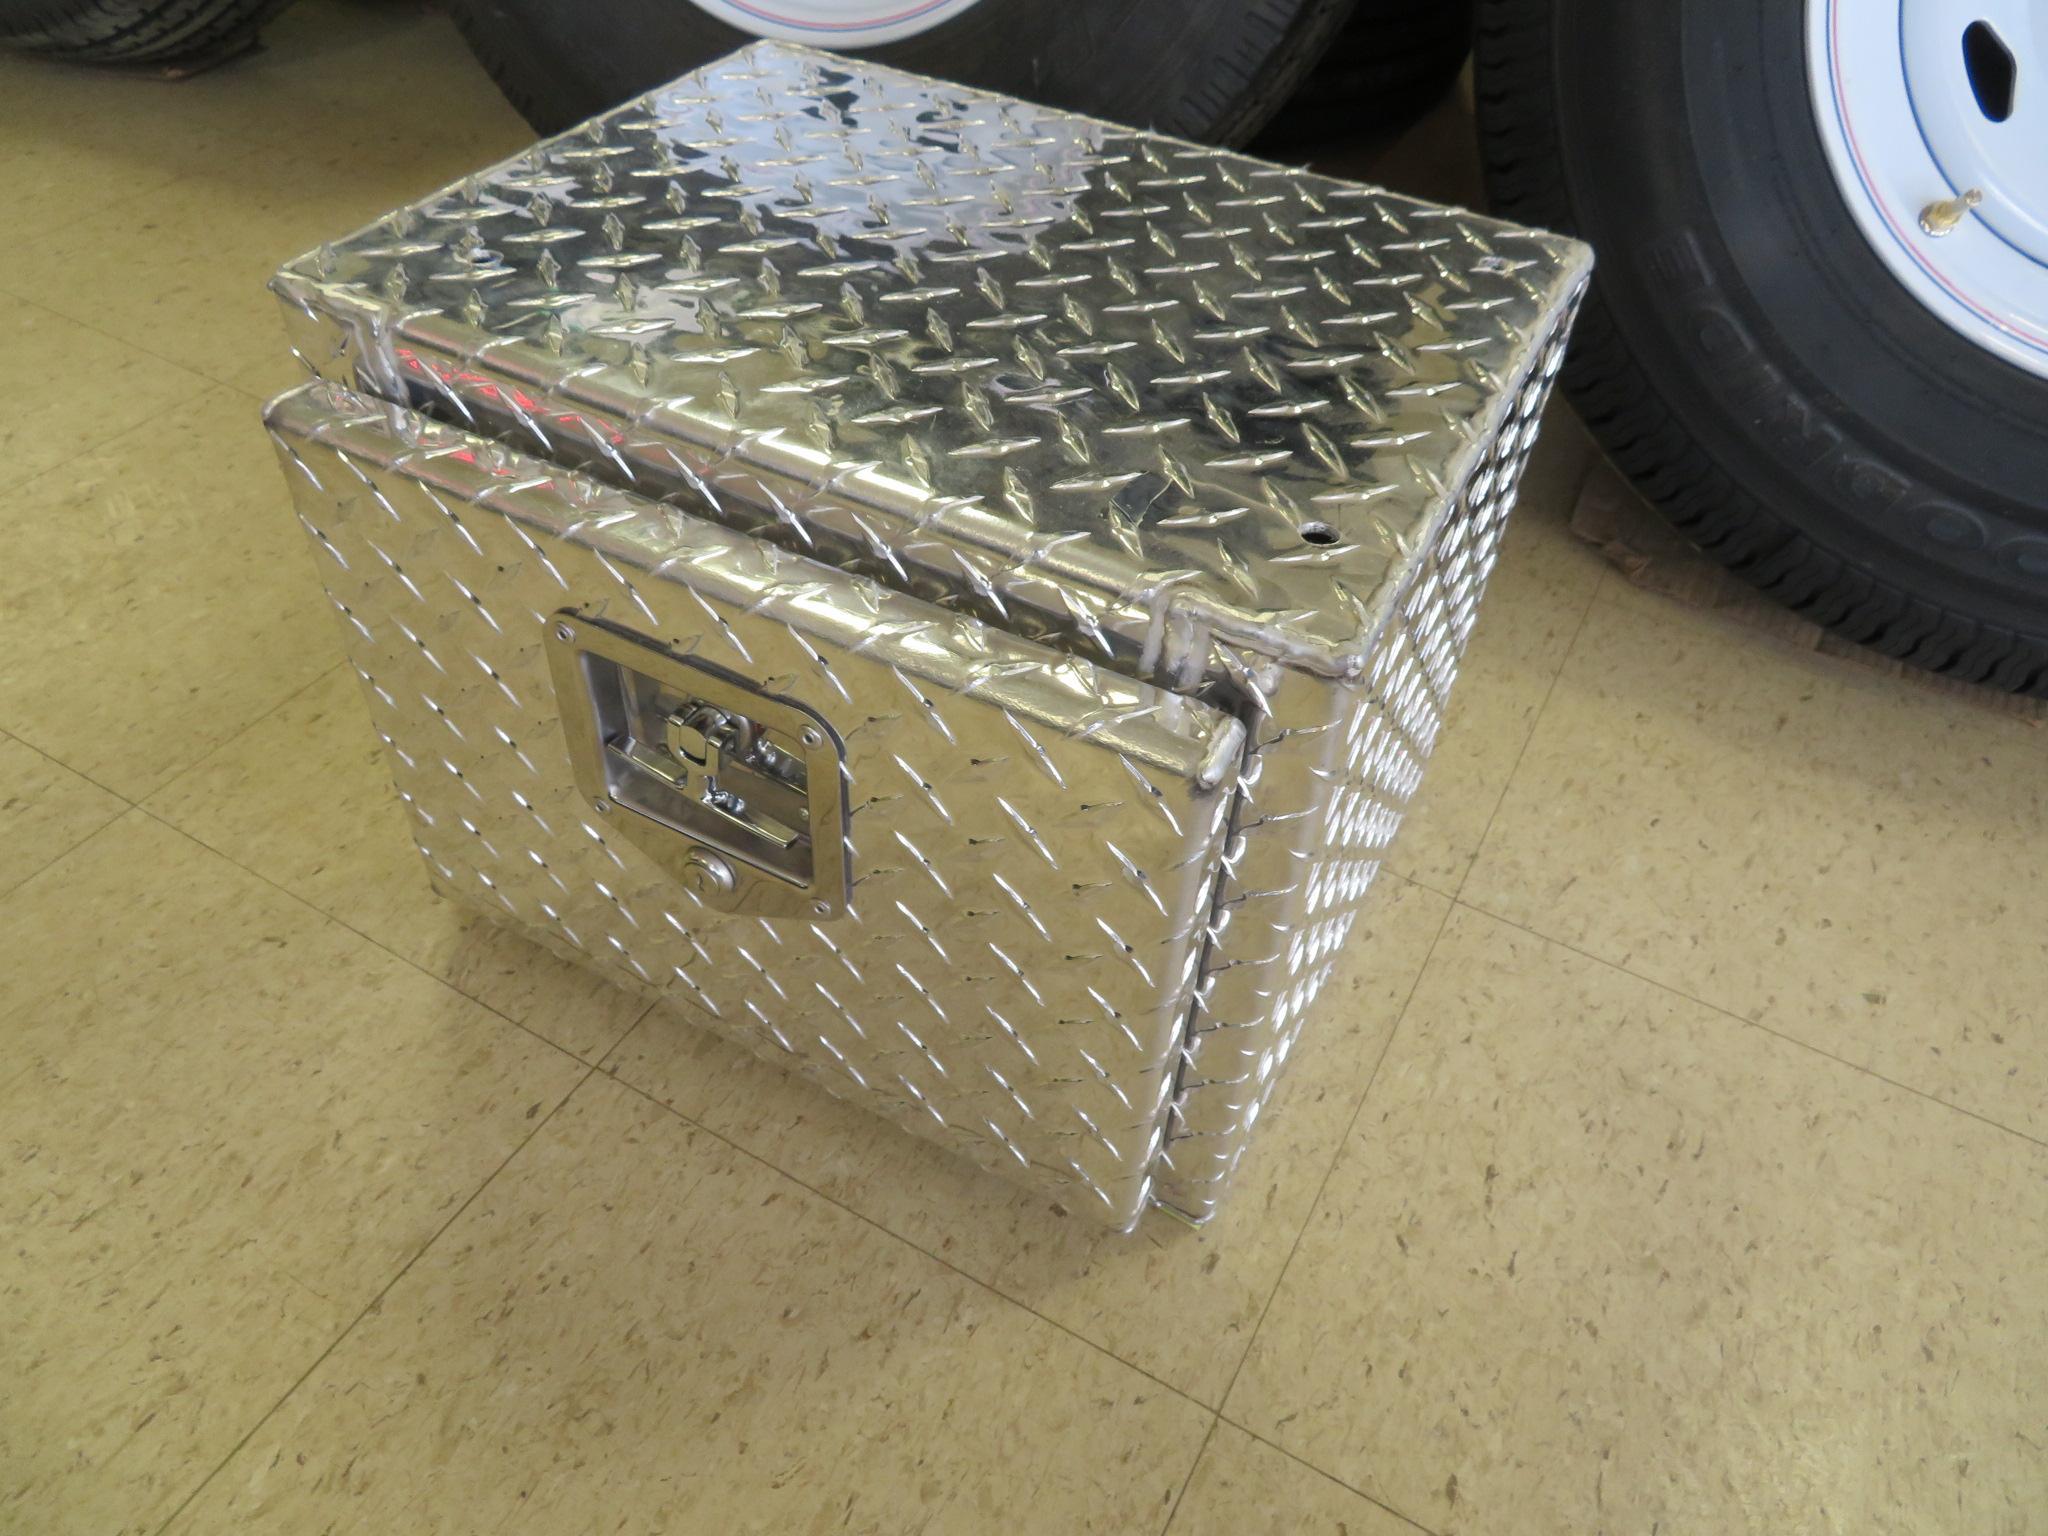 Aluminum Undermount Toolbox -  12 x 12 x 16